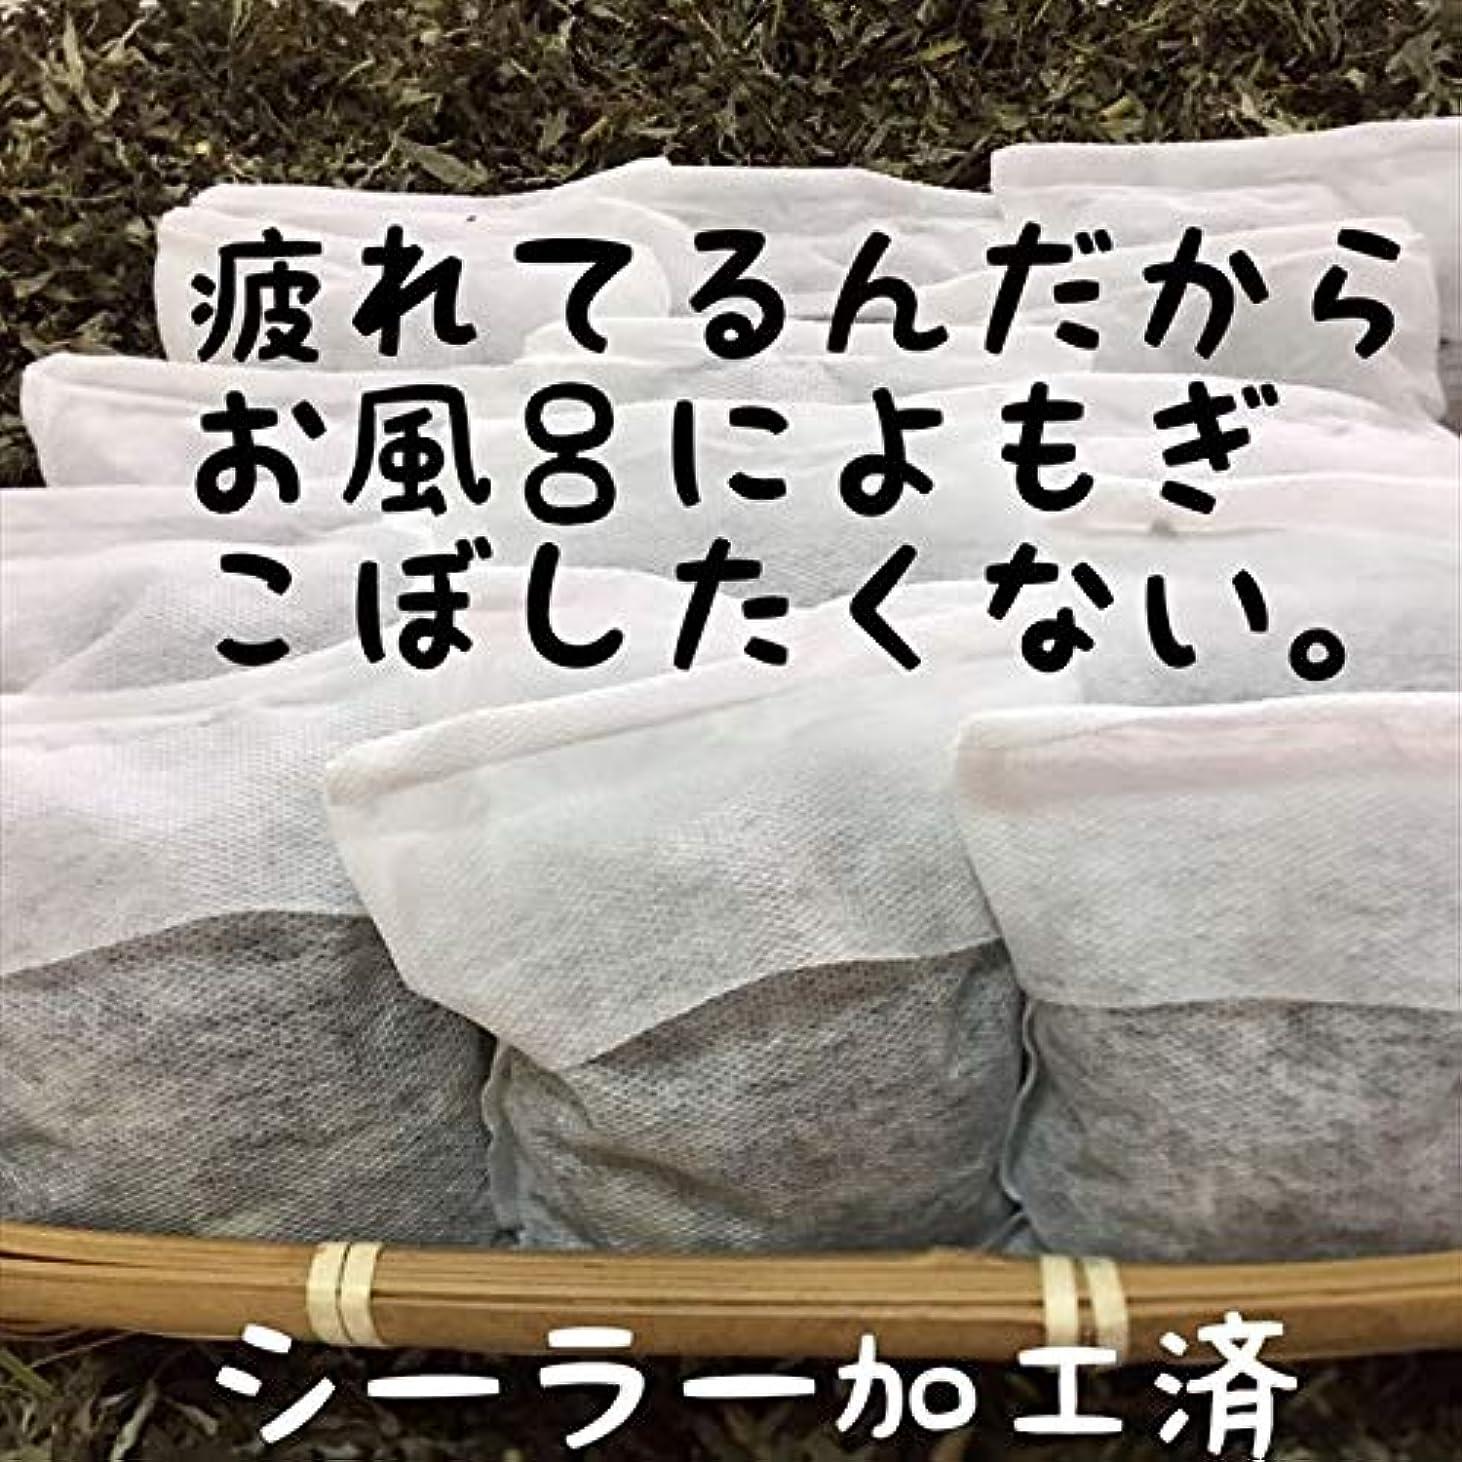 樫の木データム生態学薬草 入浴剤 よもぎ 湯 20回分 薬草湯